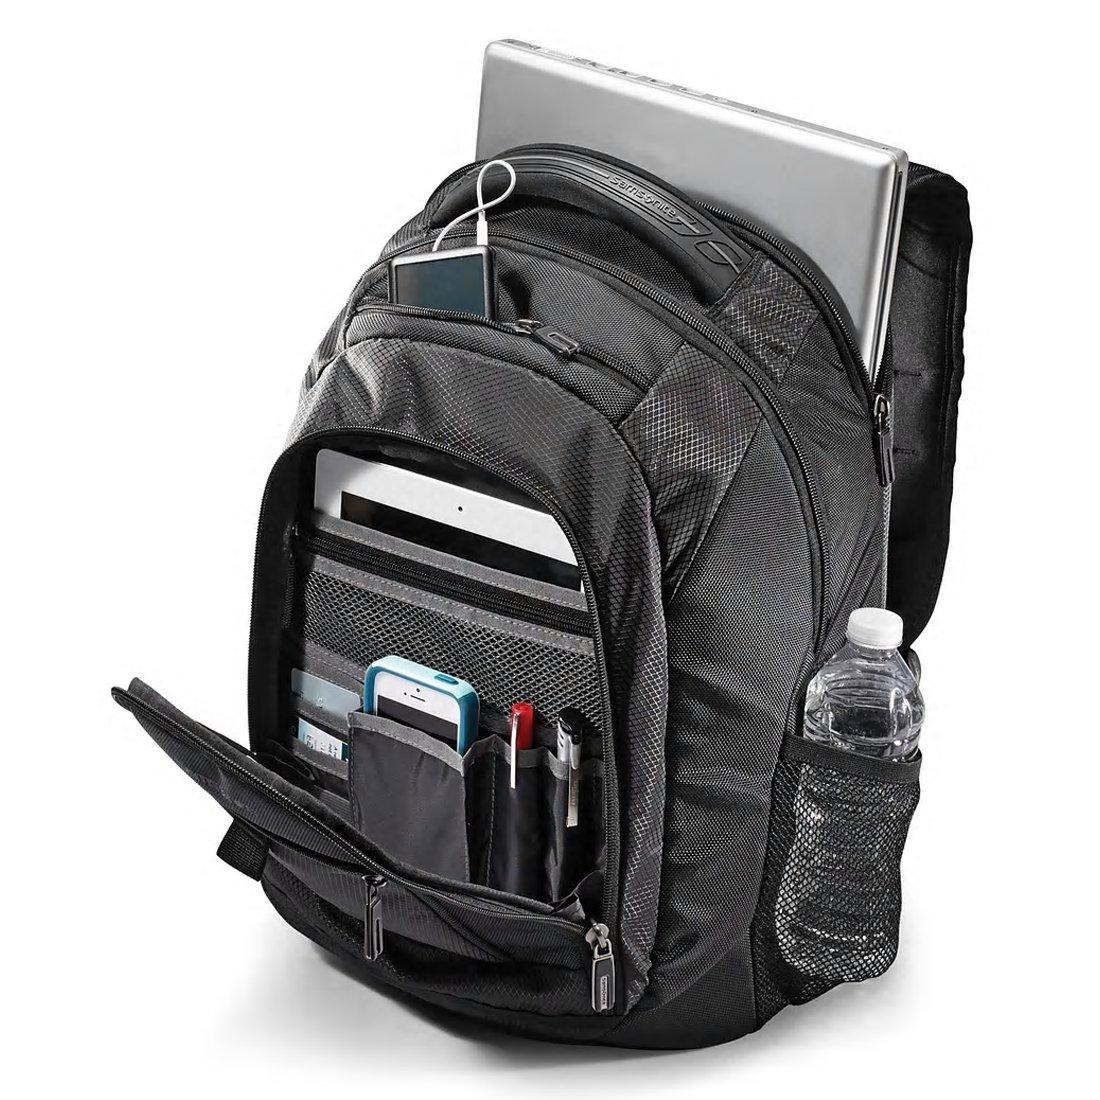 Samsonite Tectonic 2 Medium Backpack, Black